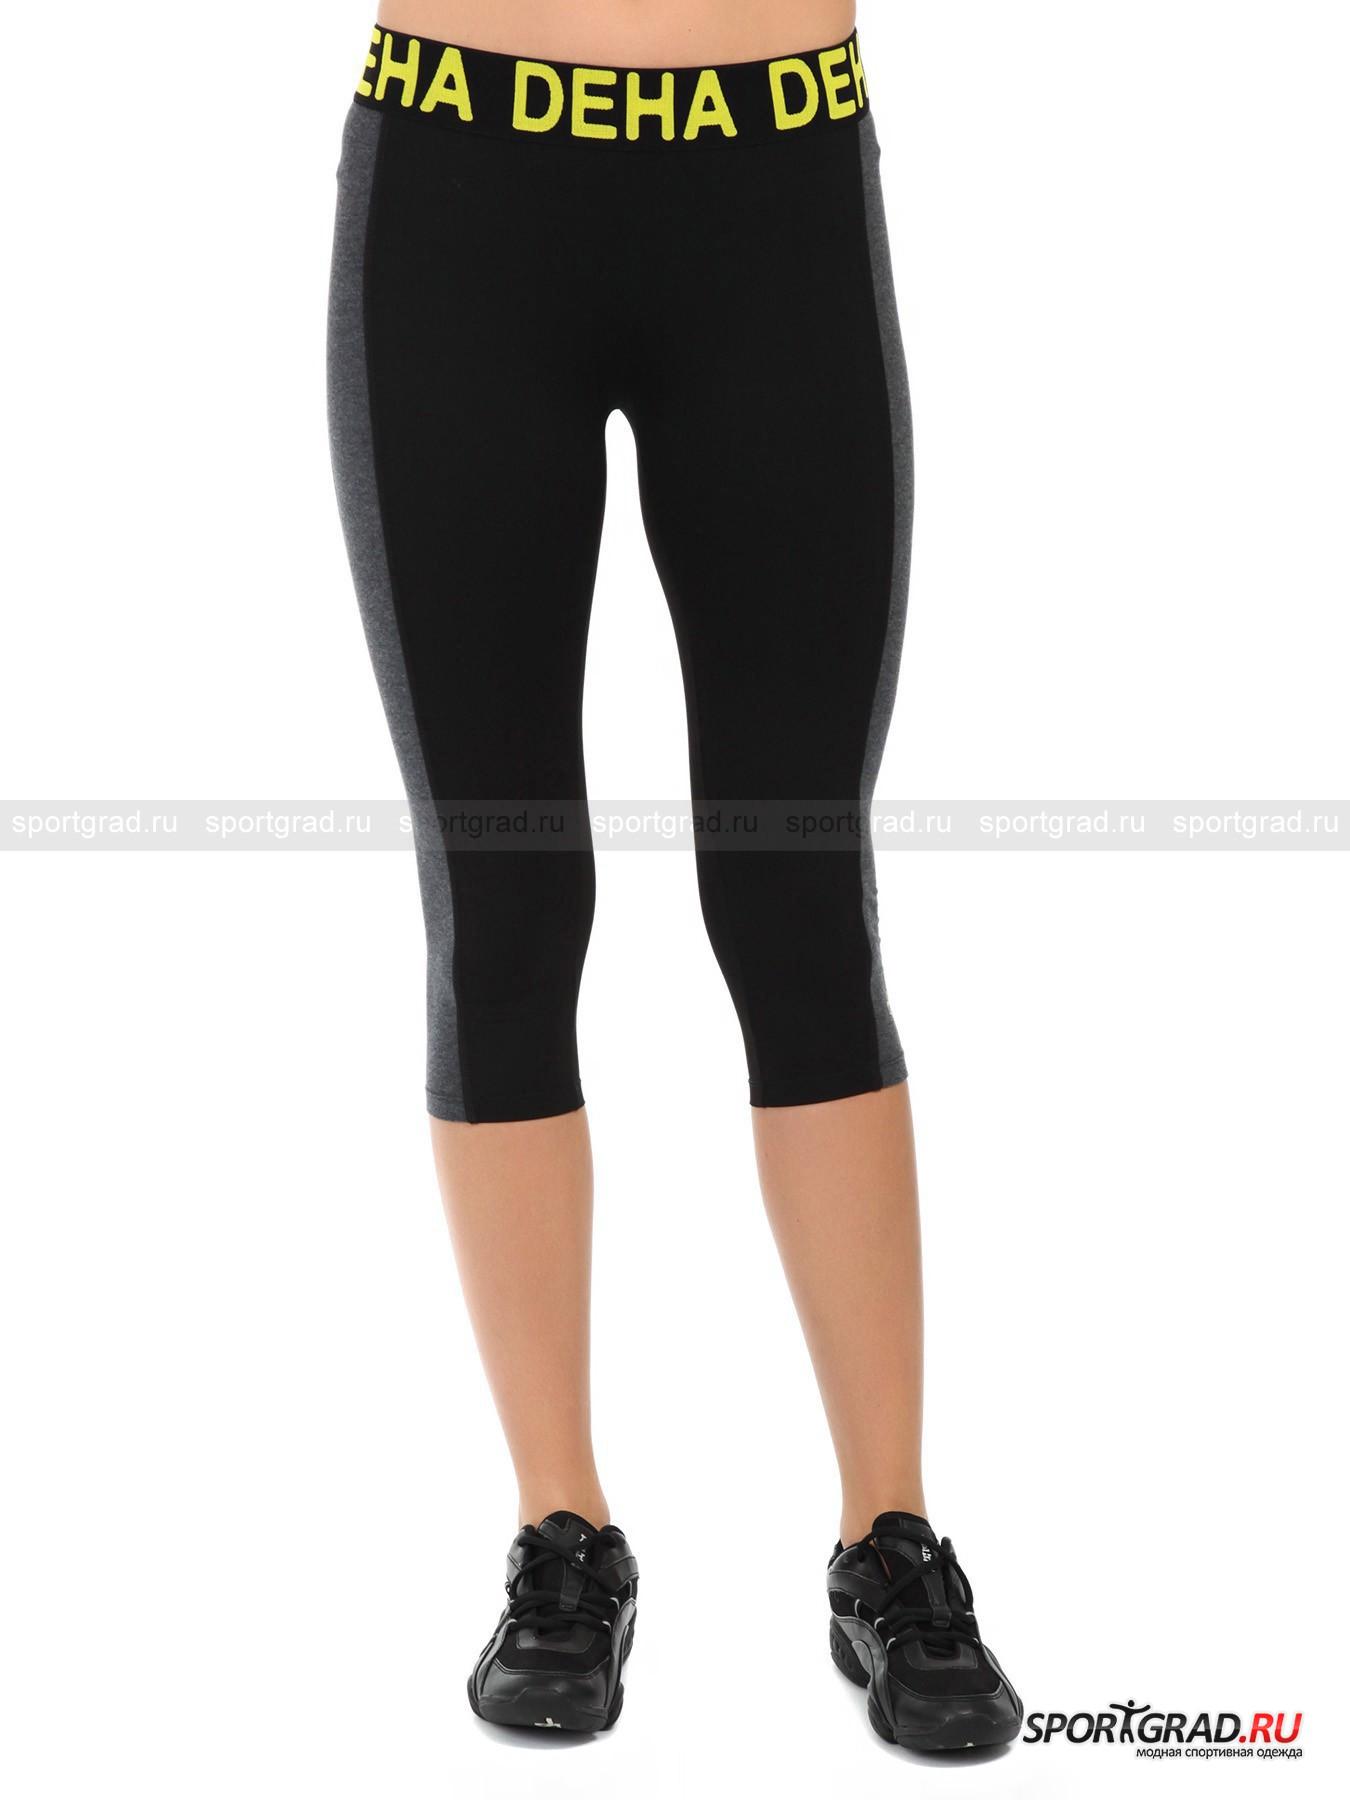 Леггинсы укороченные для фитнеса Capri Pants DEHA